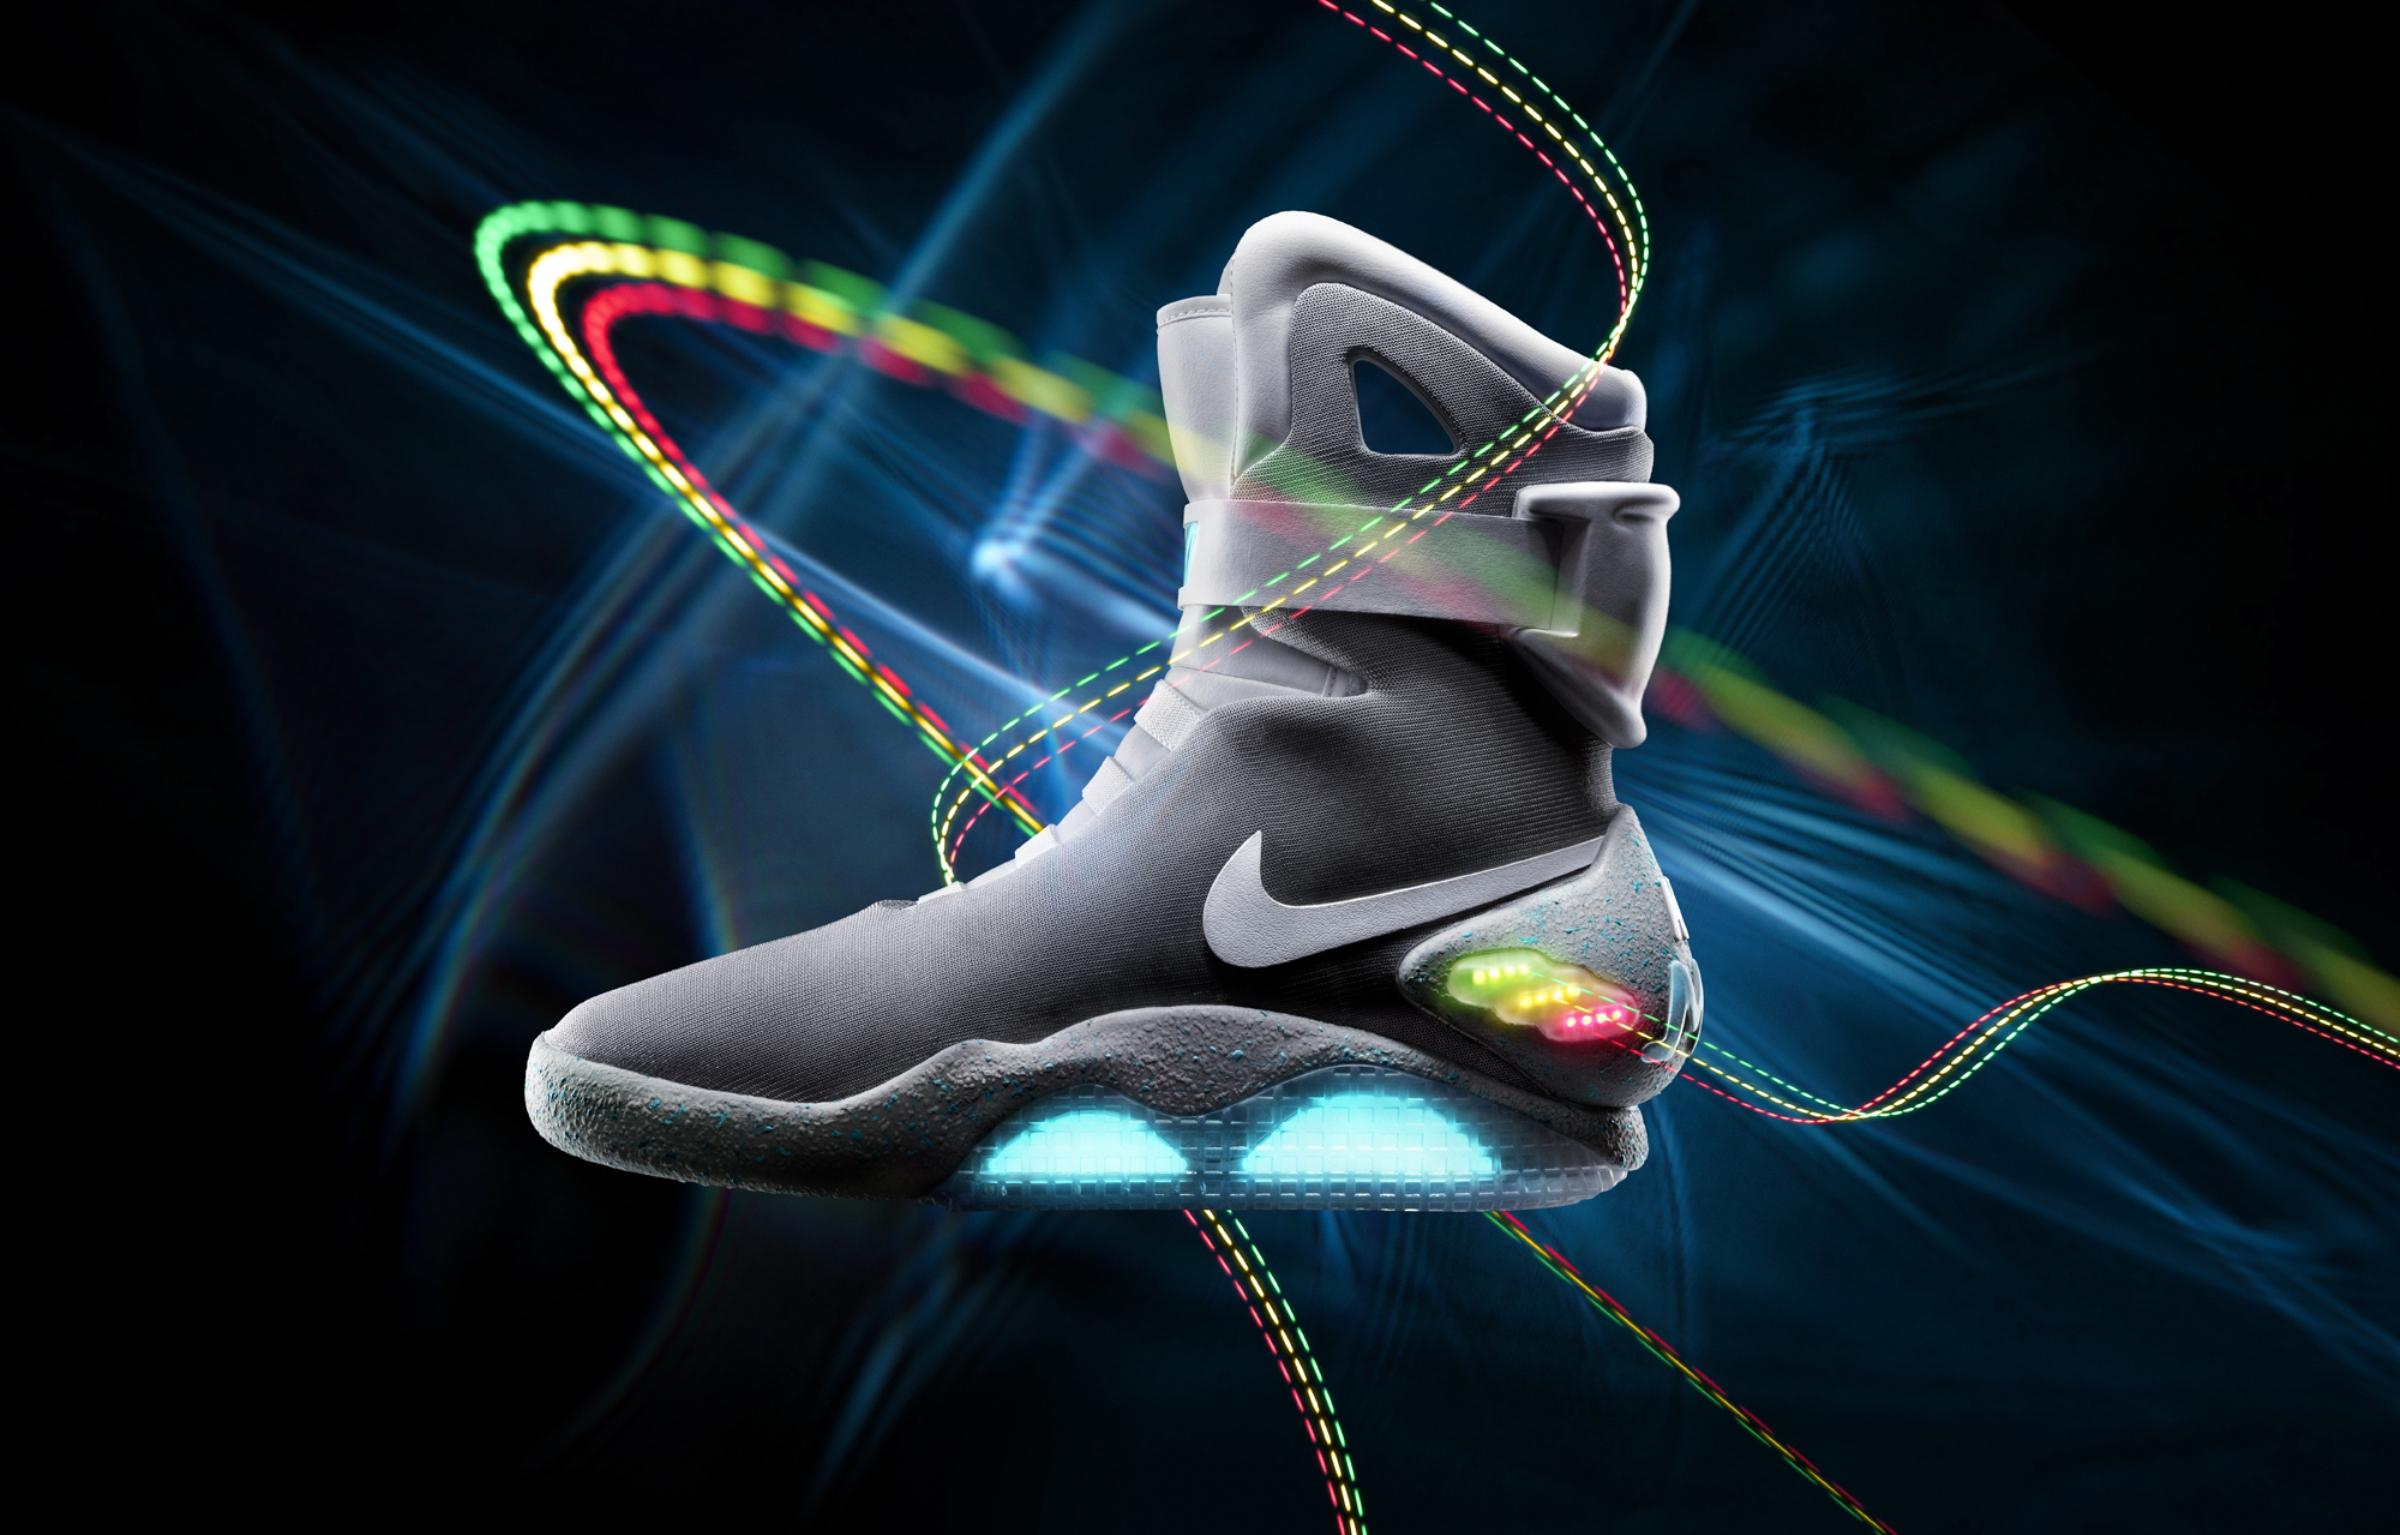 Samozavazovací tenisky Nike z filmu Návrat do budoucnosti půjdou do ... 78a5d08000